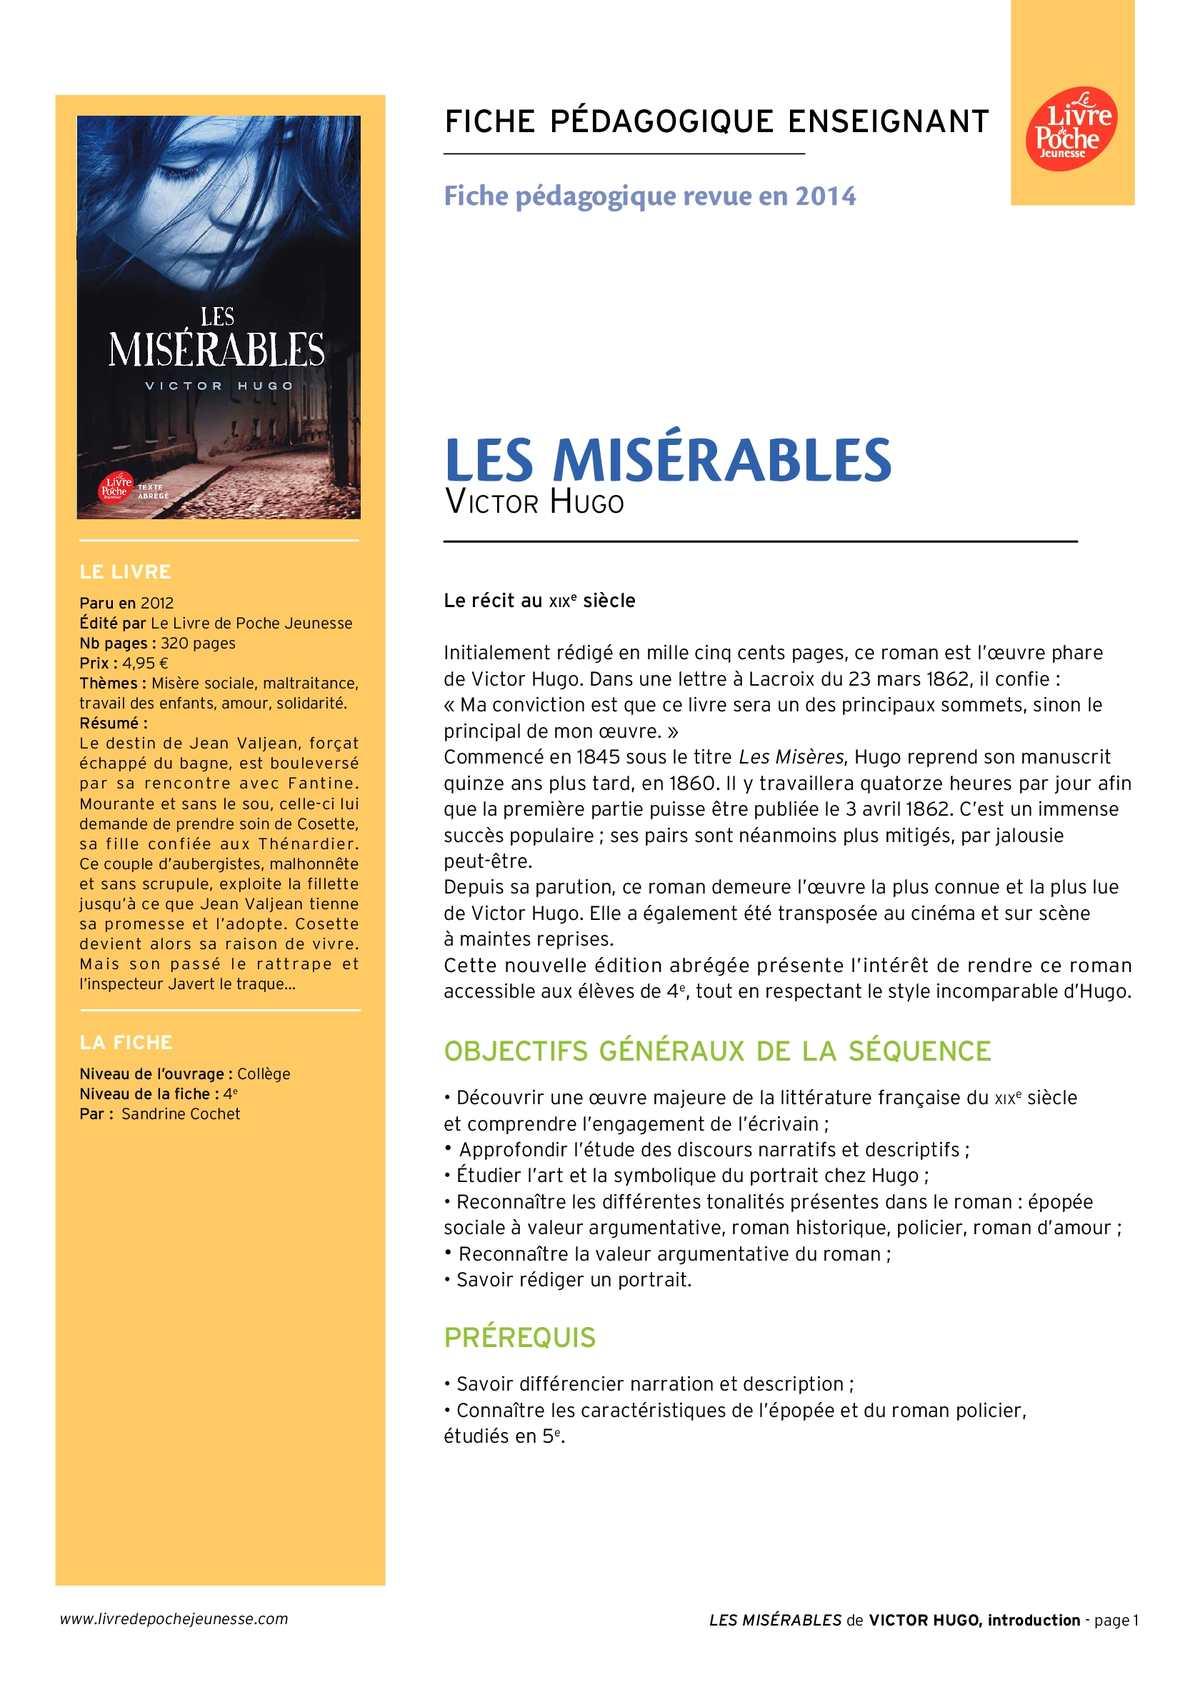 Calaméo - Les misérables -texte abrégé - ressource pédagogique